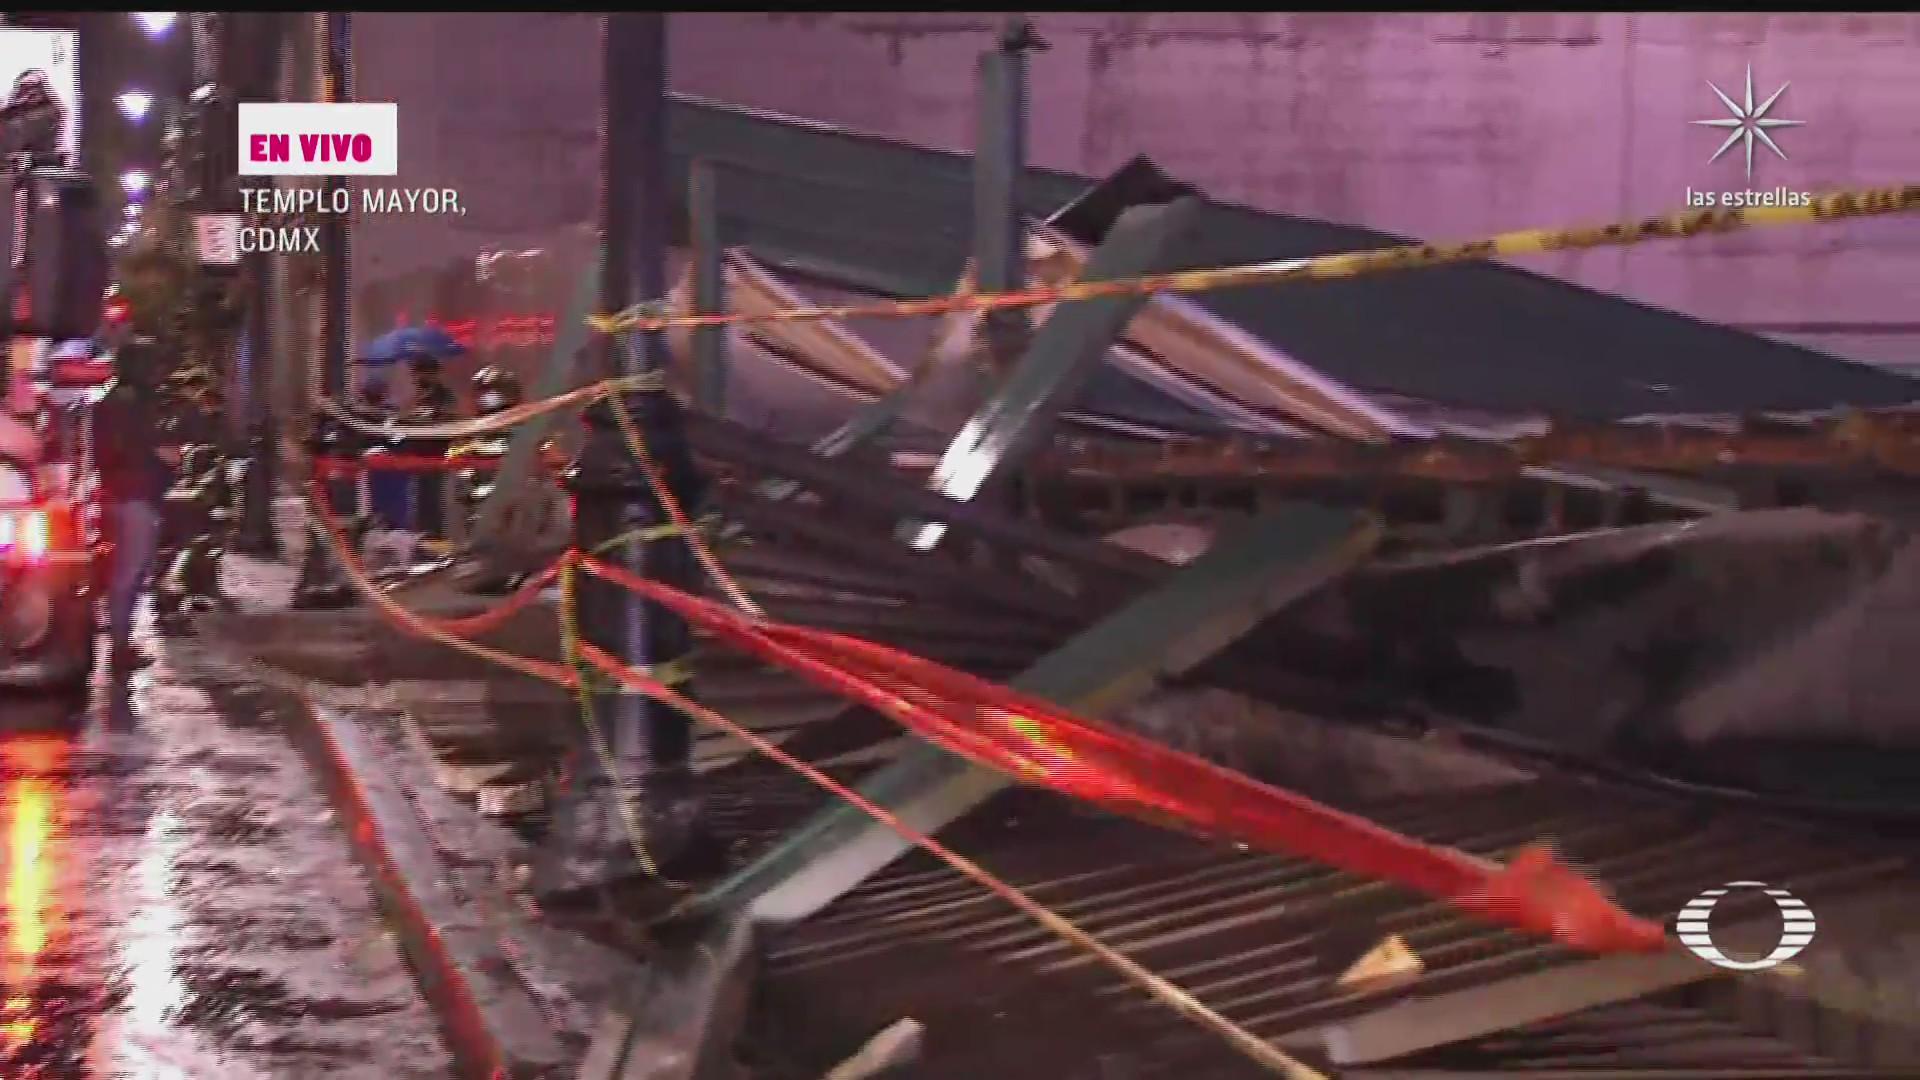 secretaria de cultura inspecciona desplome de techo en templo mayor tras granizada